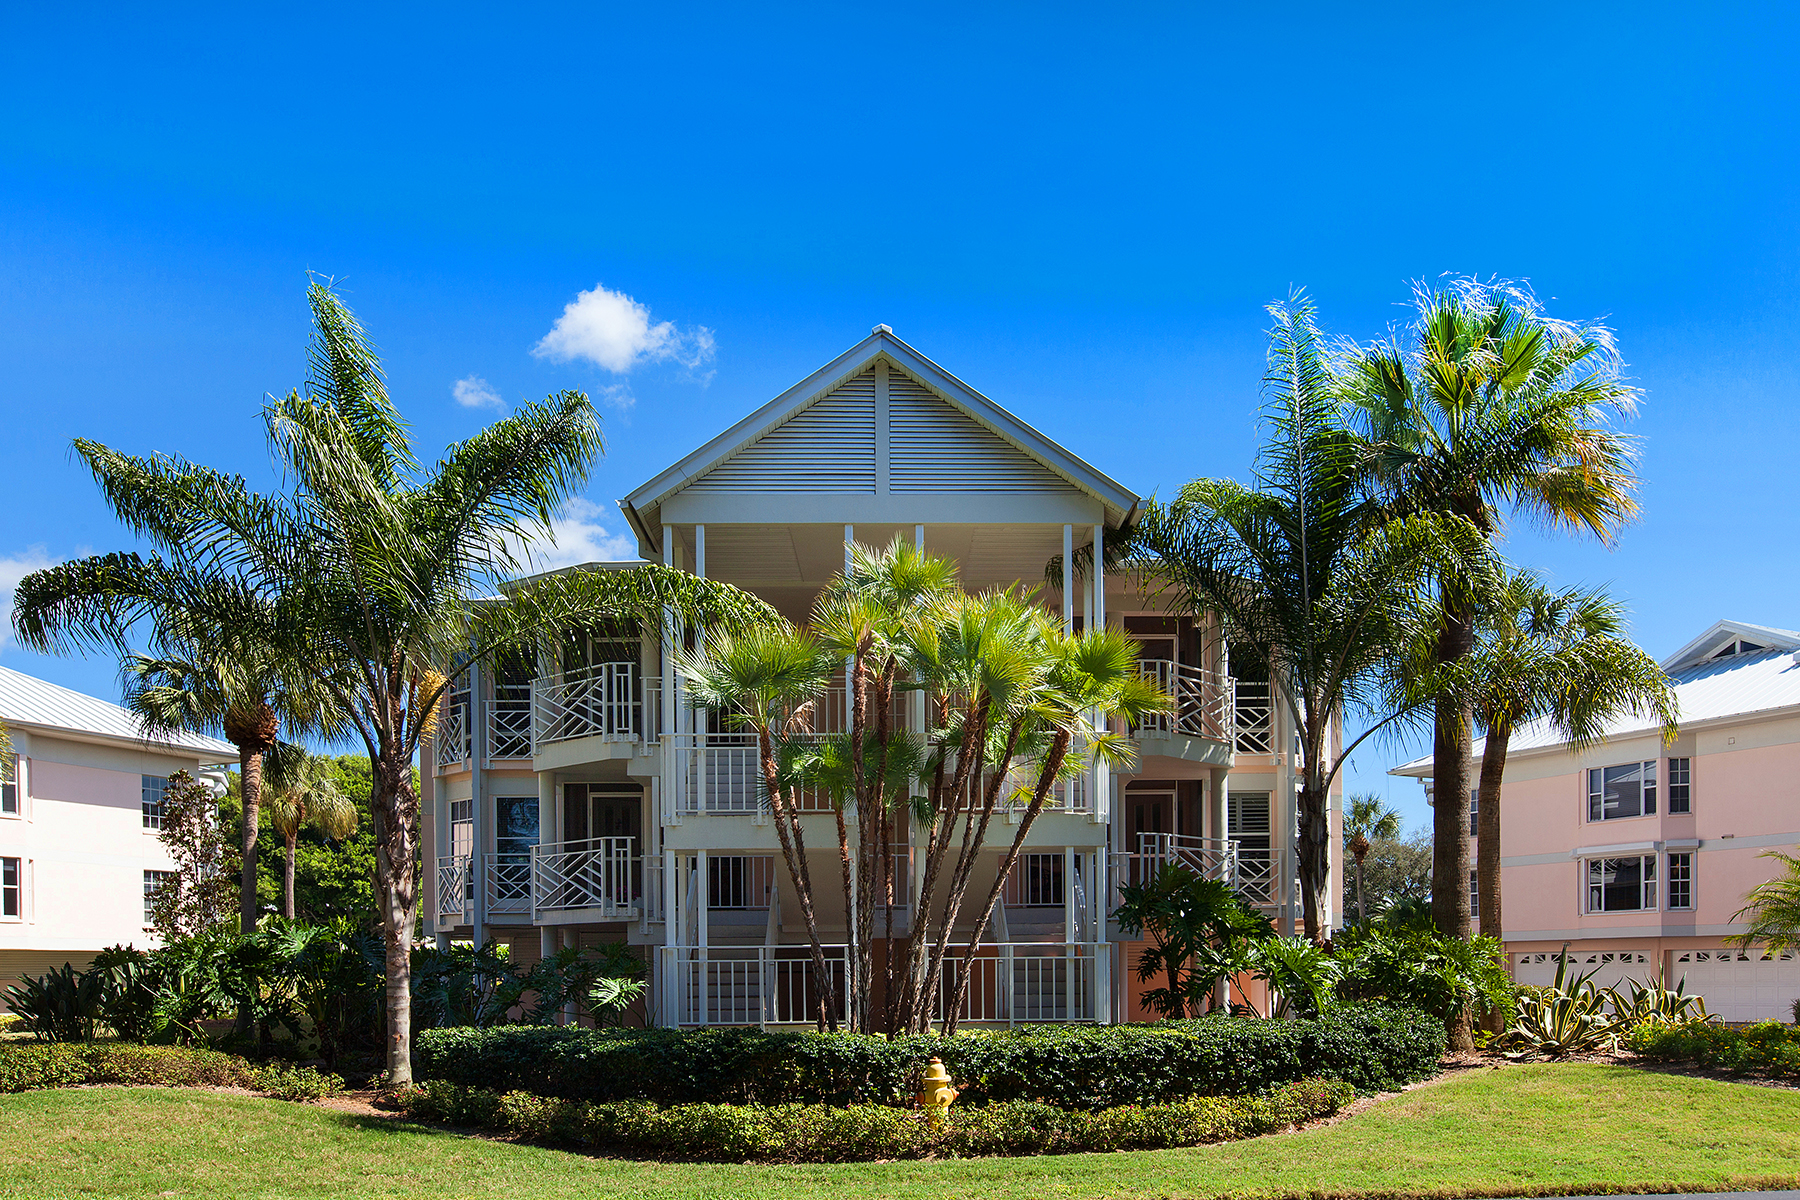 Nhà chung cư vì Bán tại 11000 Placida Rd , 1703, Placida, FL 33946 11000 Placida Rd 1703 Placida, Florida, 33946 Hoa Kỳ